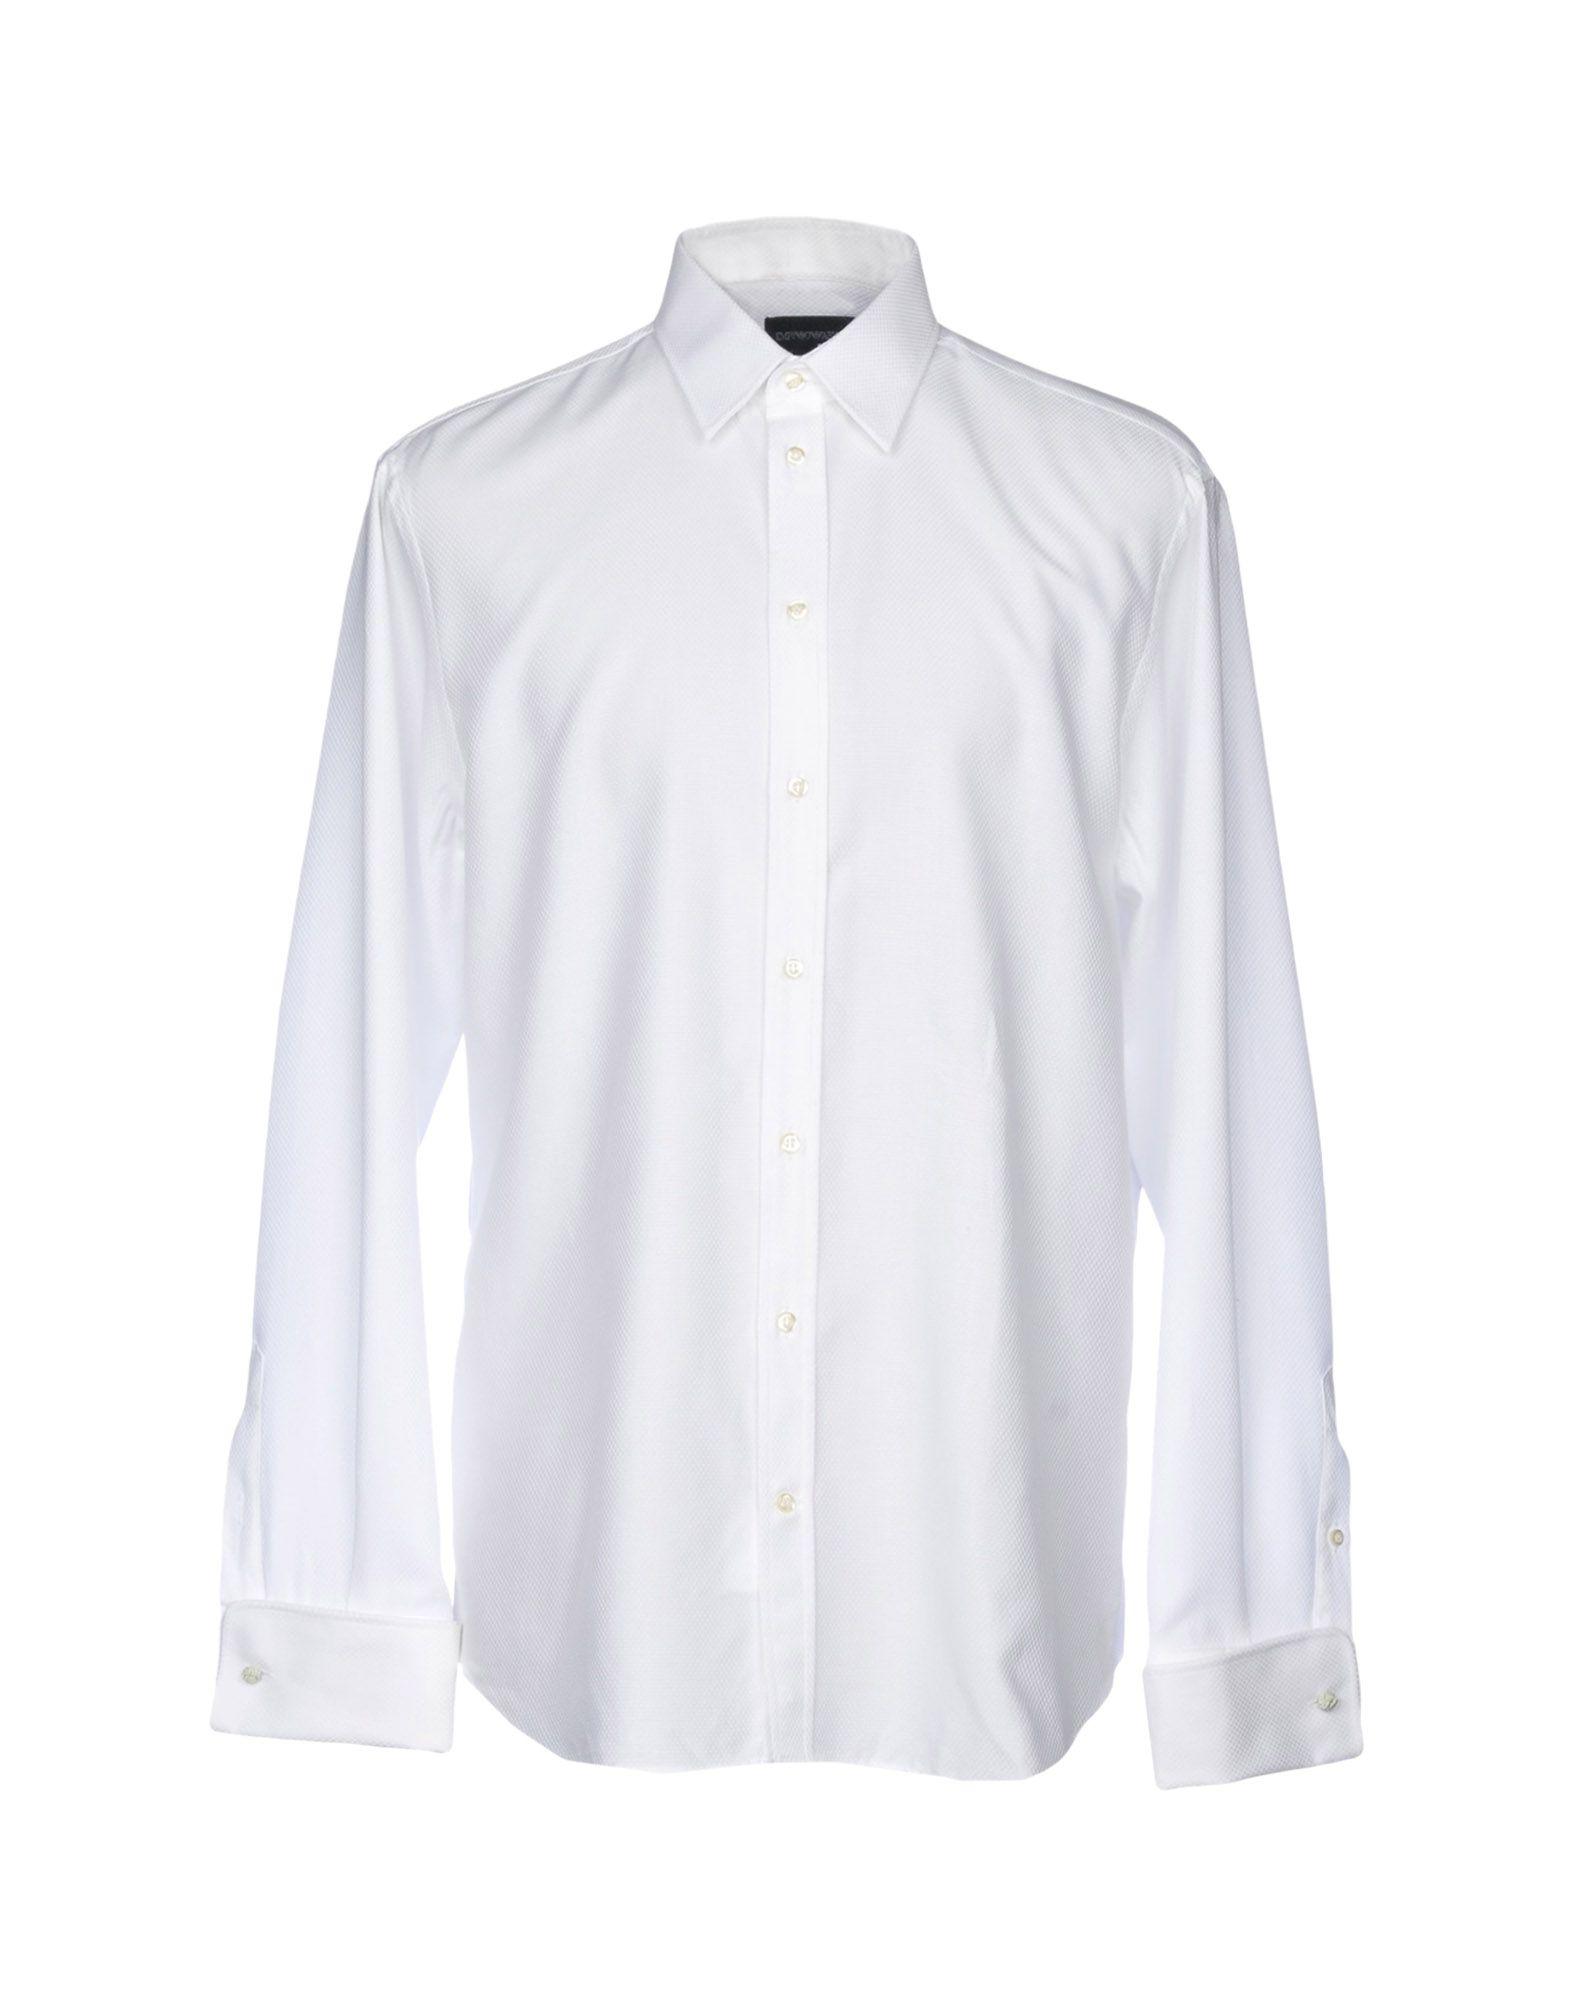 《送料無料》EMPORIO ARMANI メンズ シャツ ホワイト 39 コットン 100%